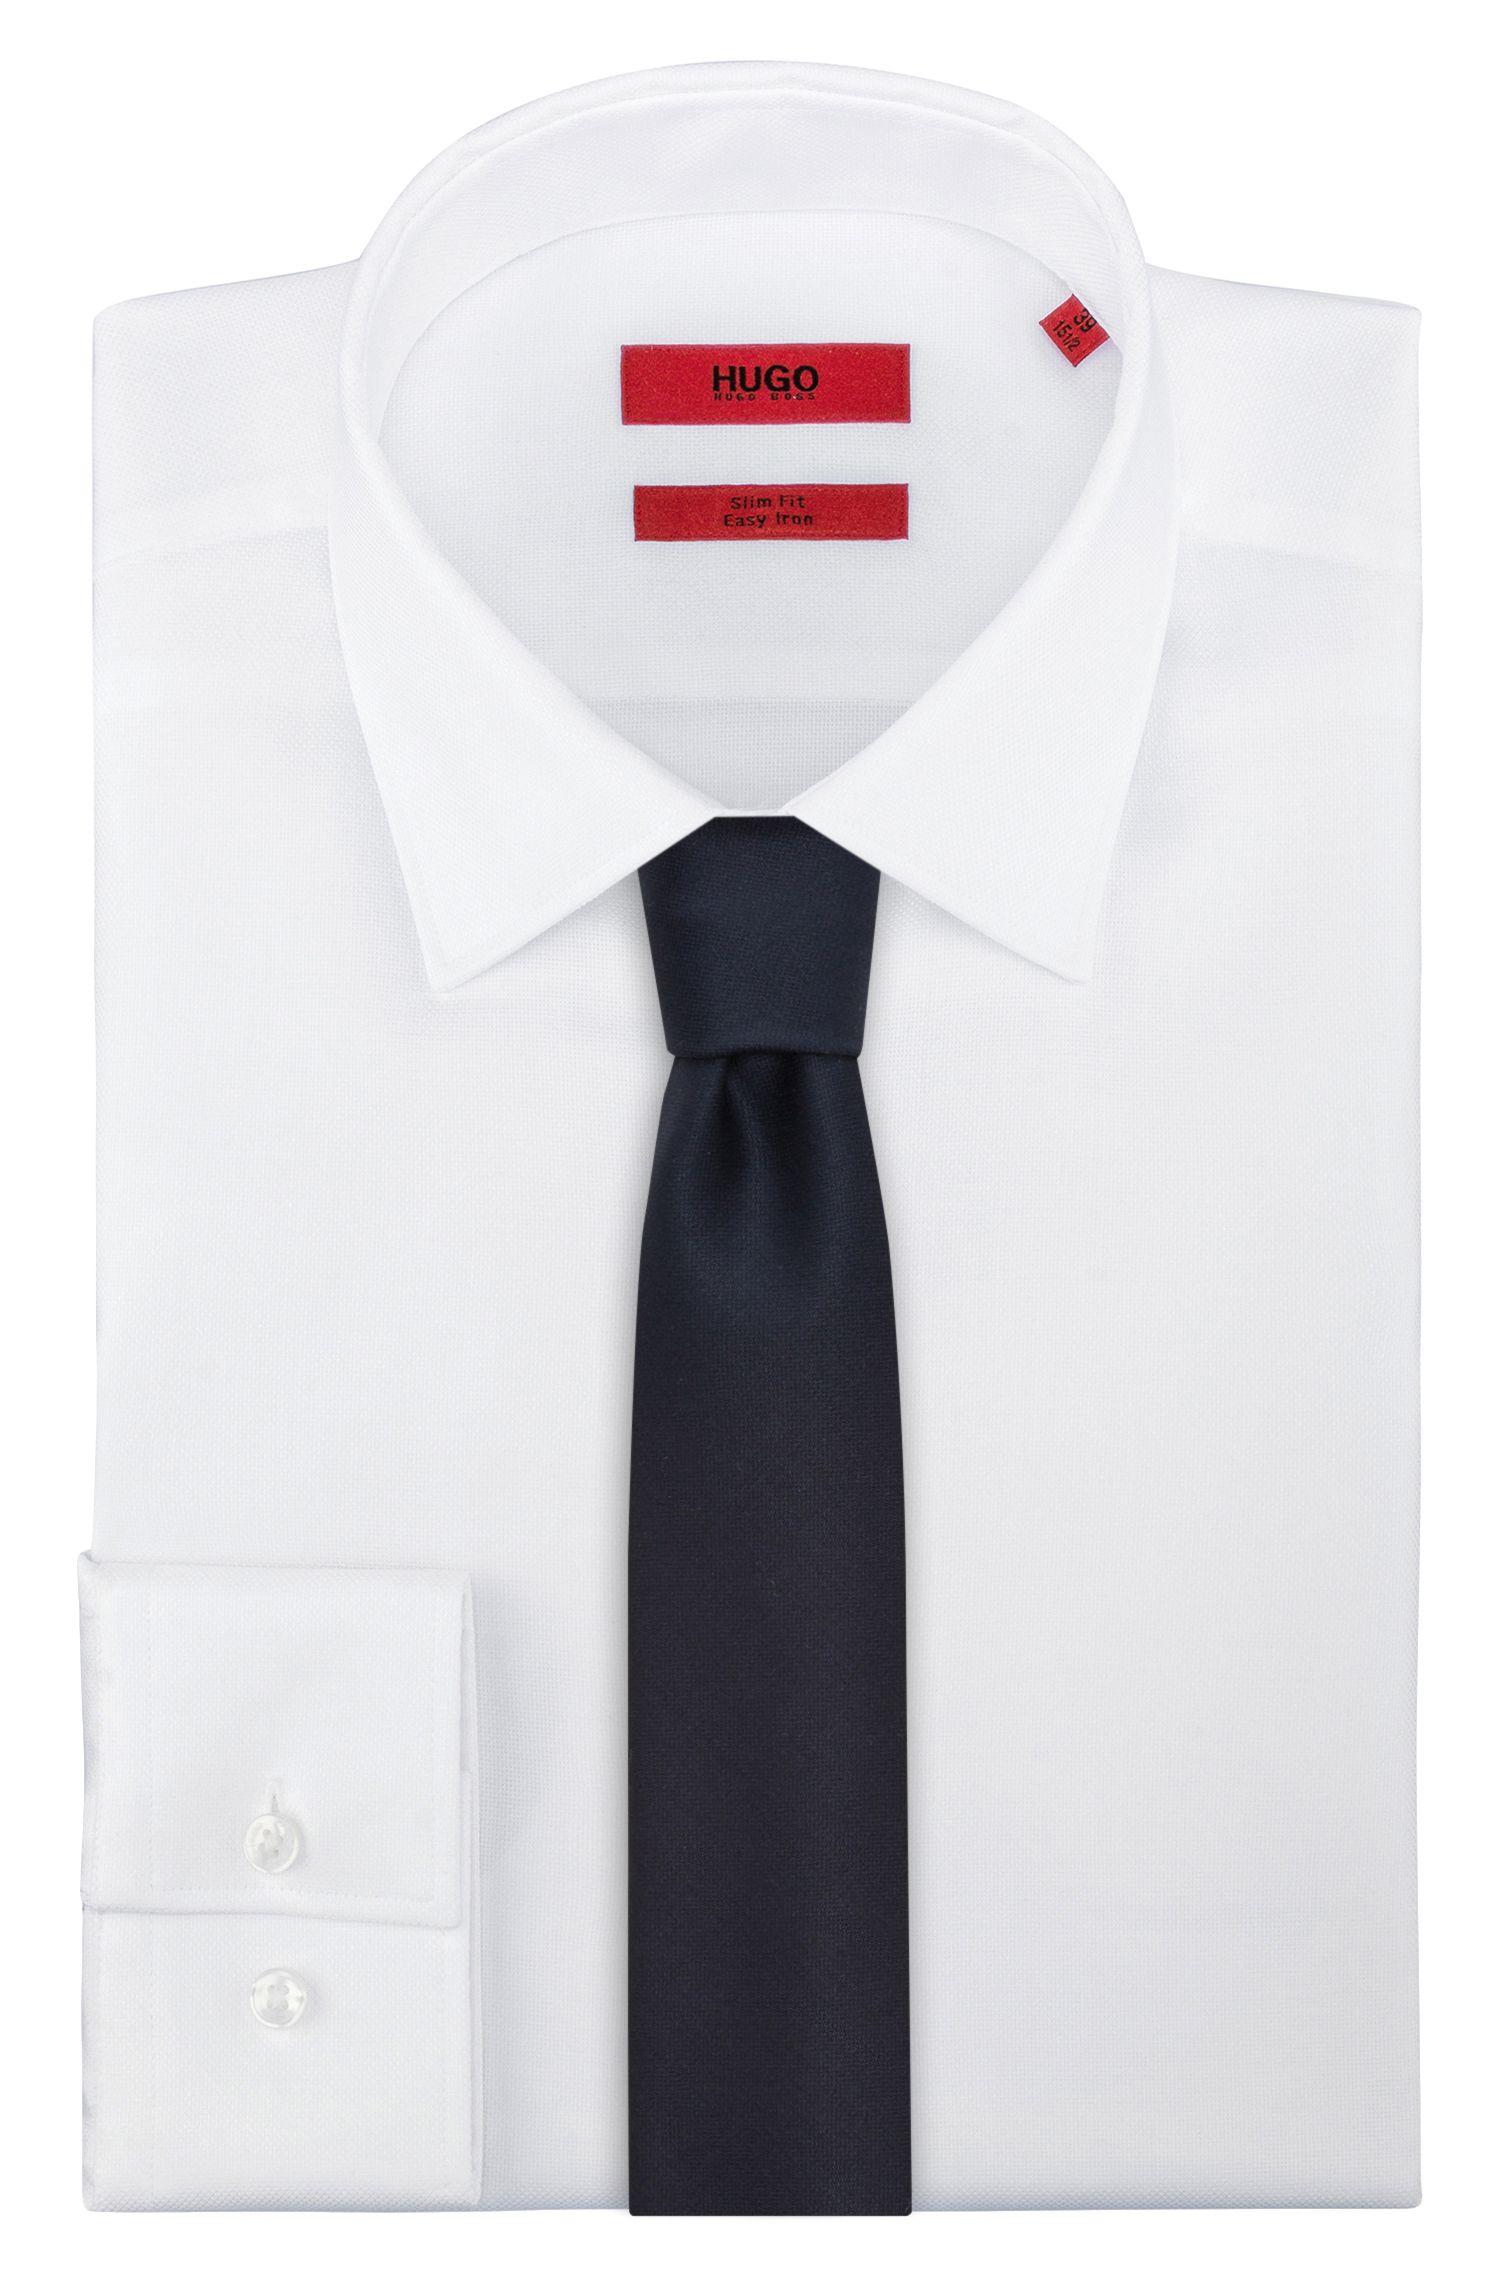 Cravatta a tinta unita in lana vergine